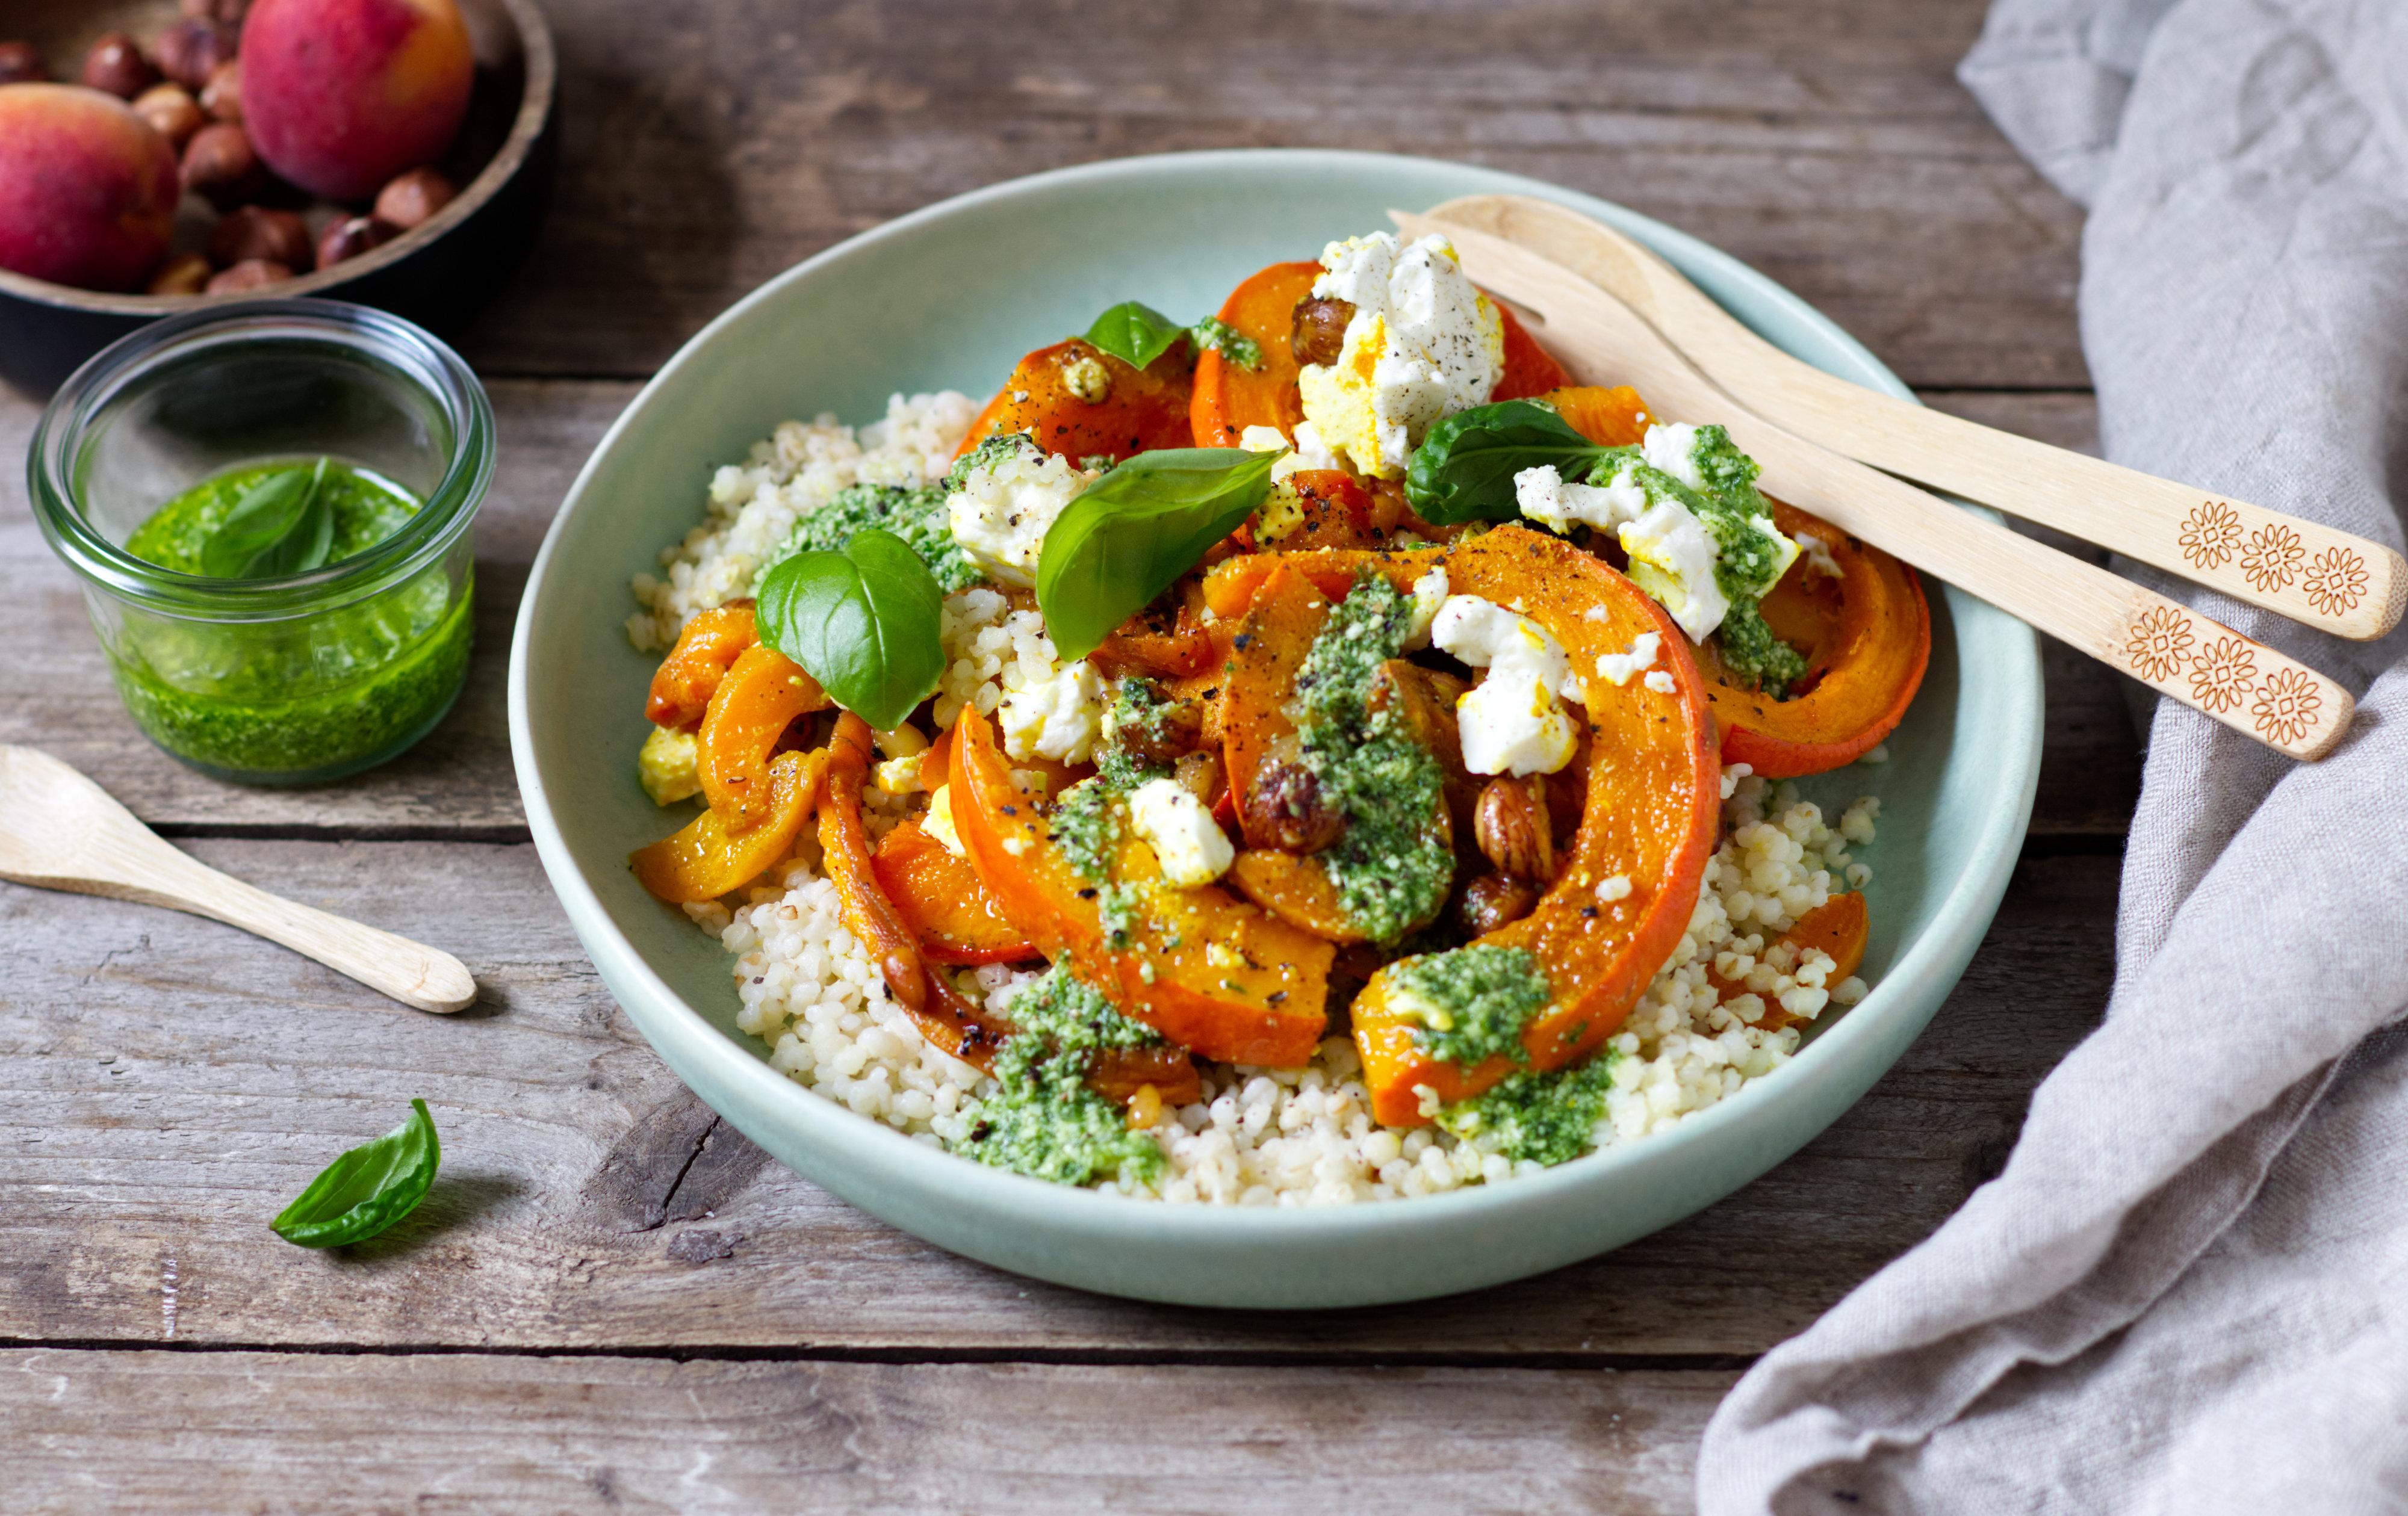 Kürbis-Perlgraupen-Salat mit Aprikosen